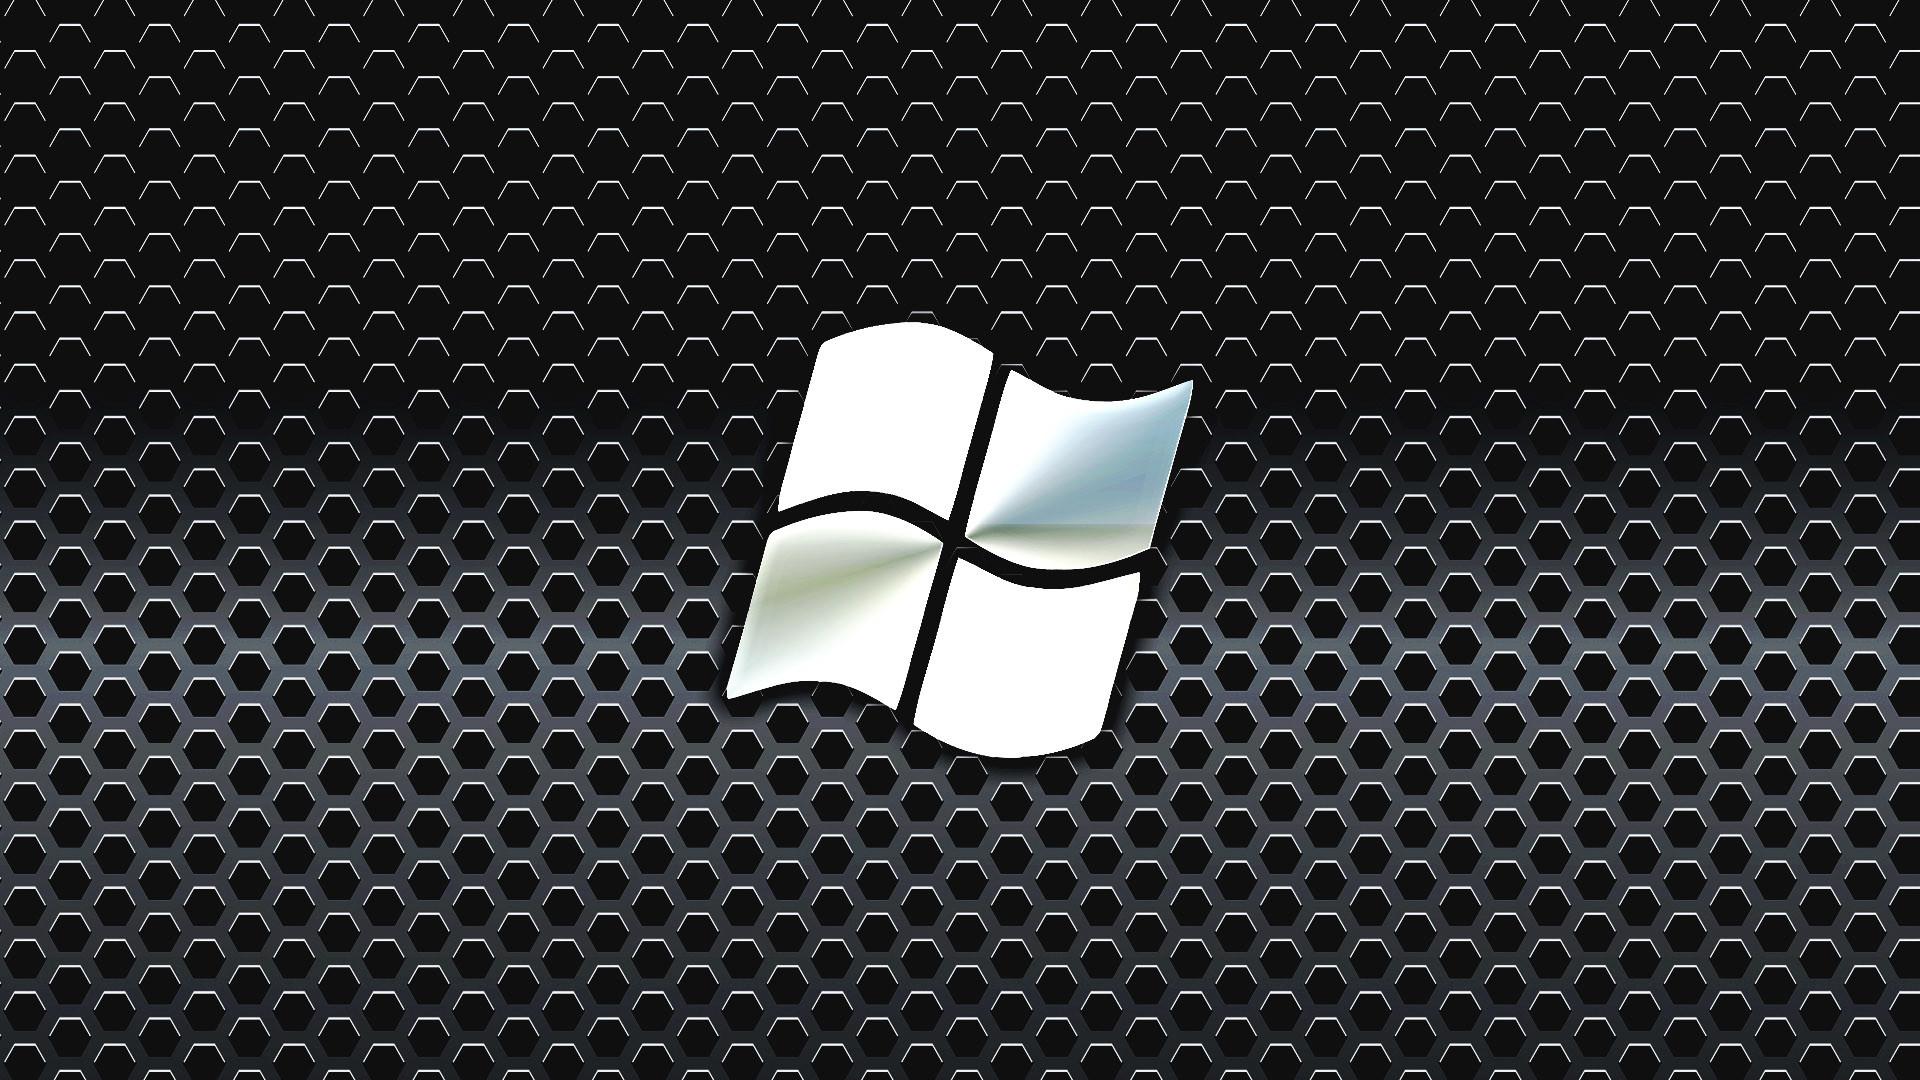 Blue Carbon Fiber Wallpaper HD PixelsTalk D Carbon Wallpaper HD Background  I HD Images 1920×1080